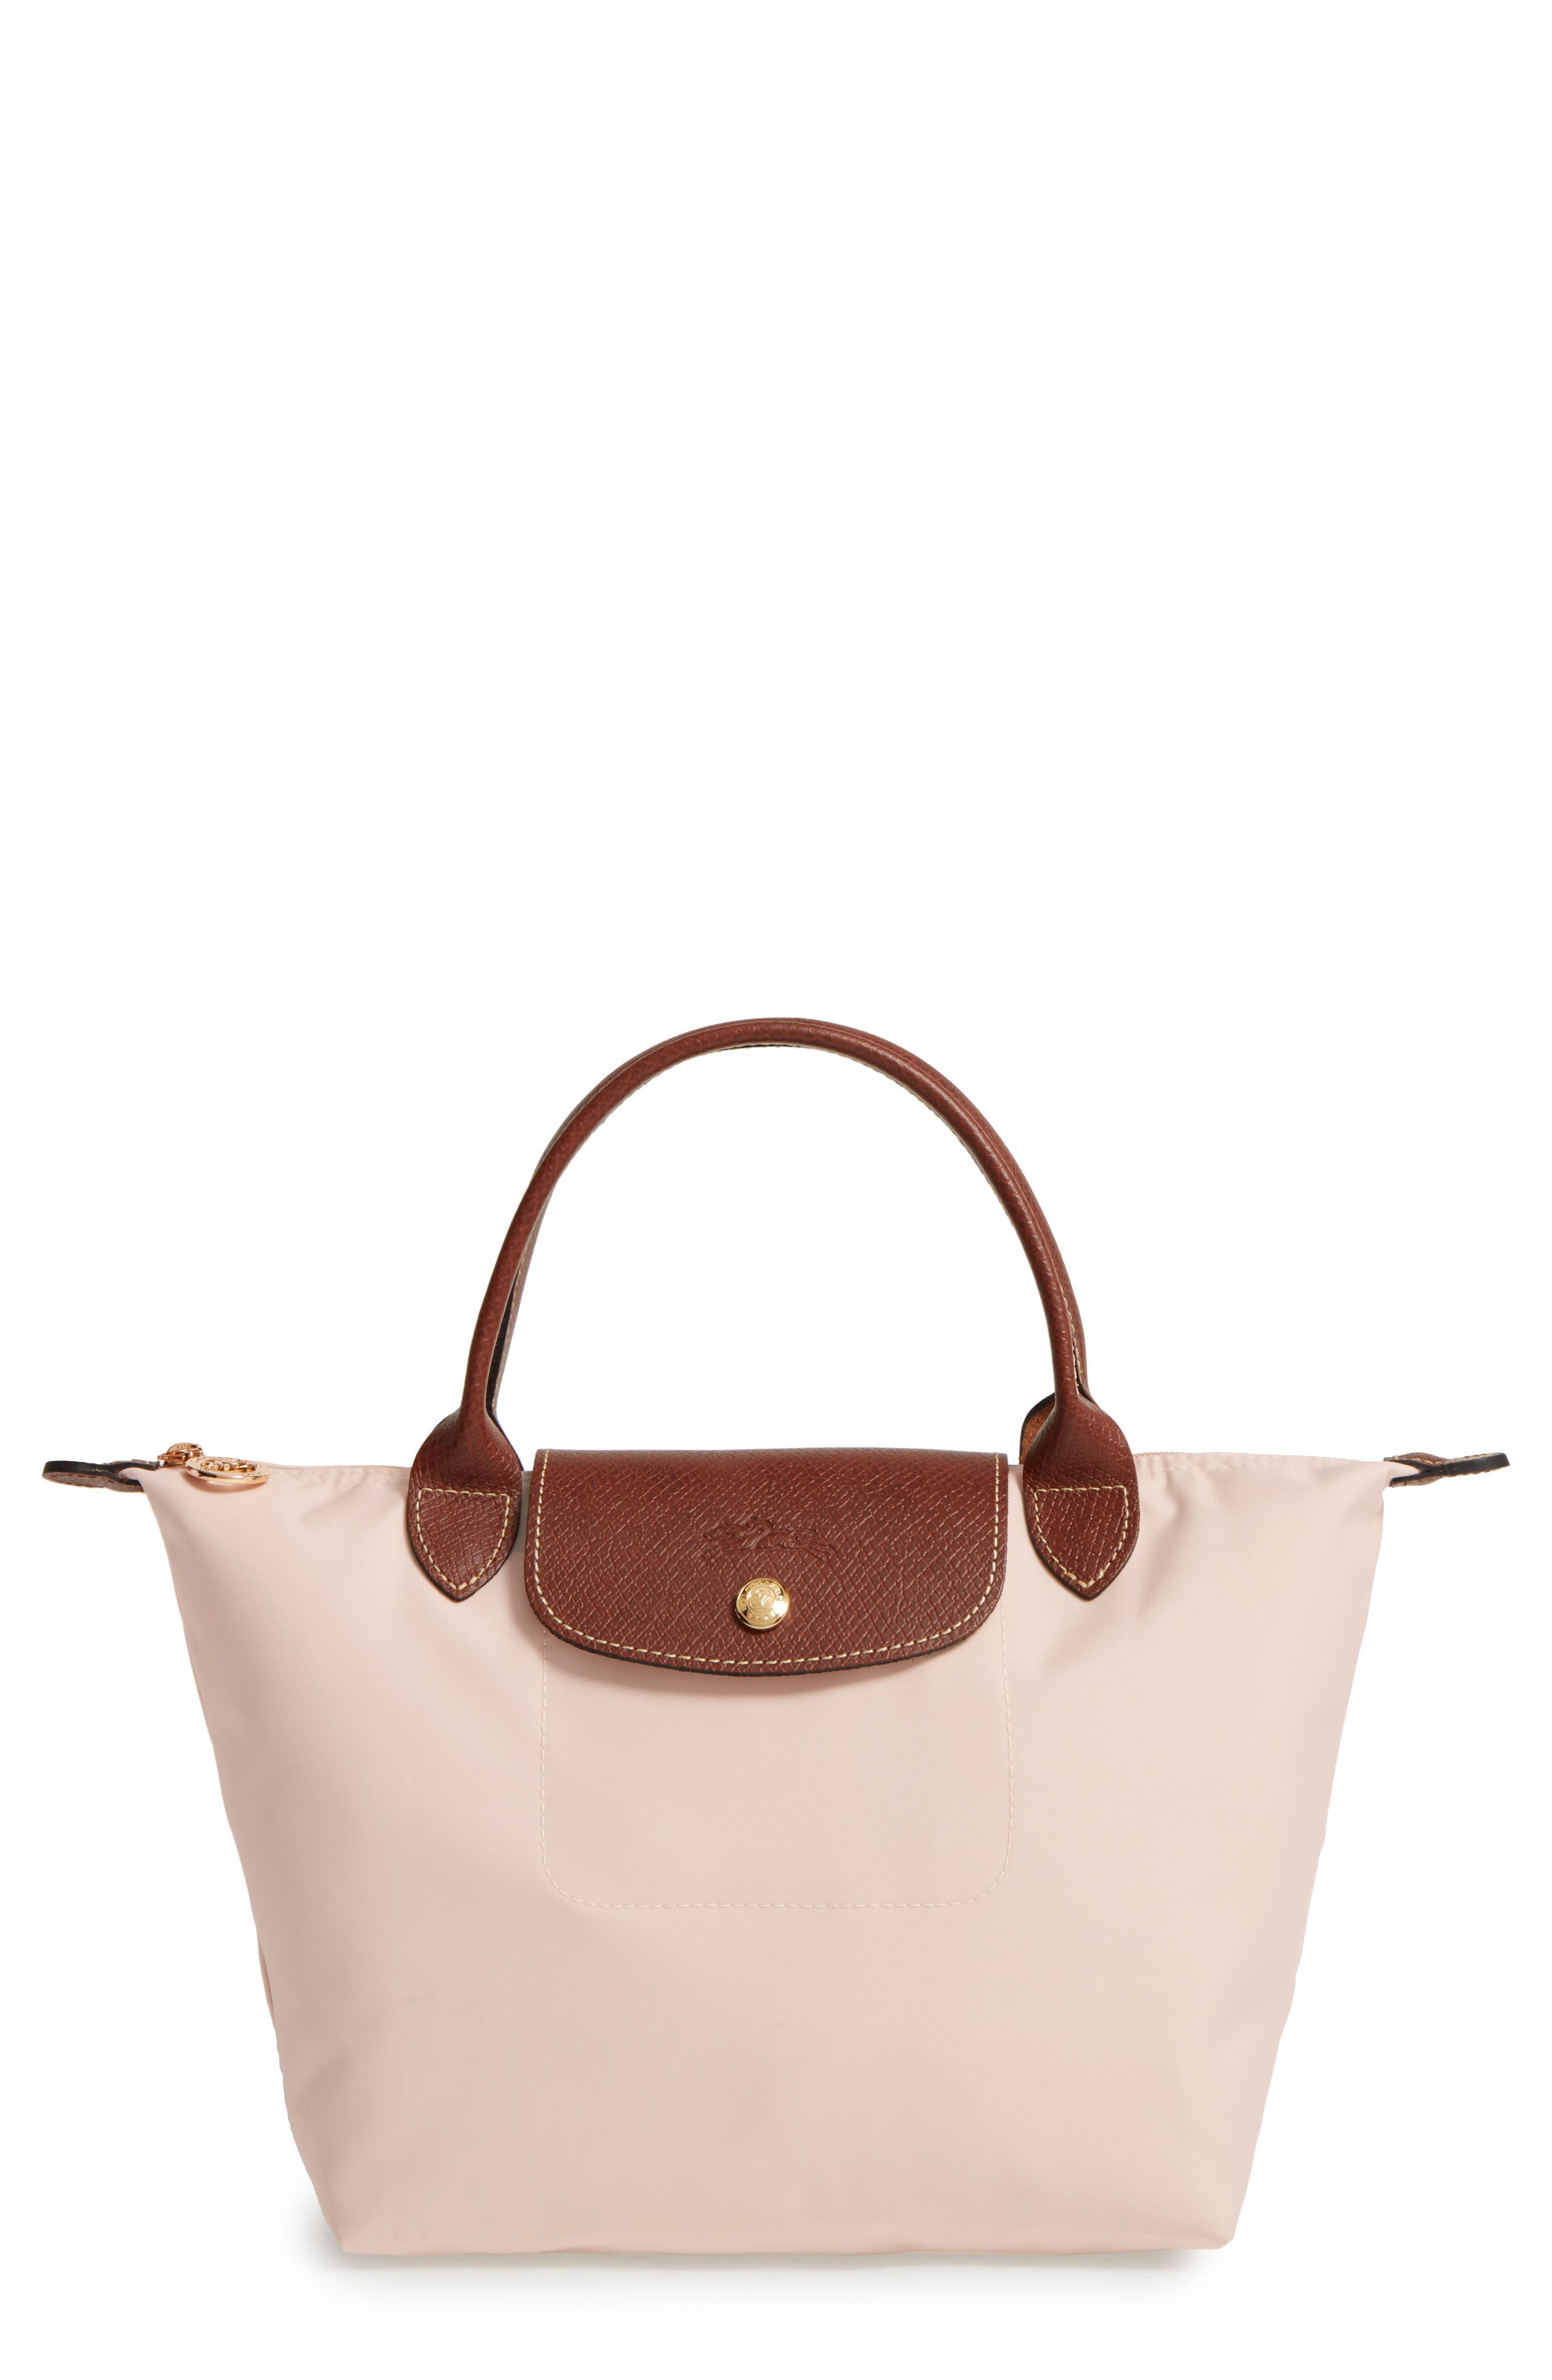 Main Image - Longchamp 'Mini Le Pliage' Handbag